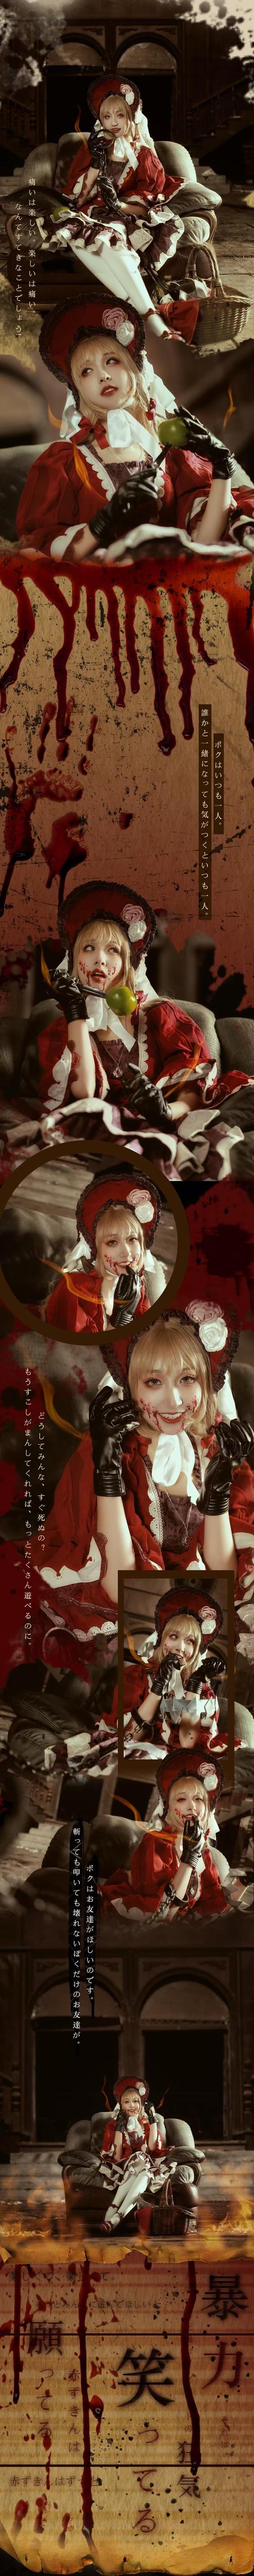 《死亡爱丽丝》游戏cosplay【CN:墓入安泽】-第2张